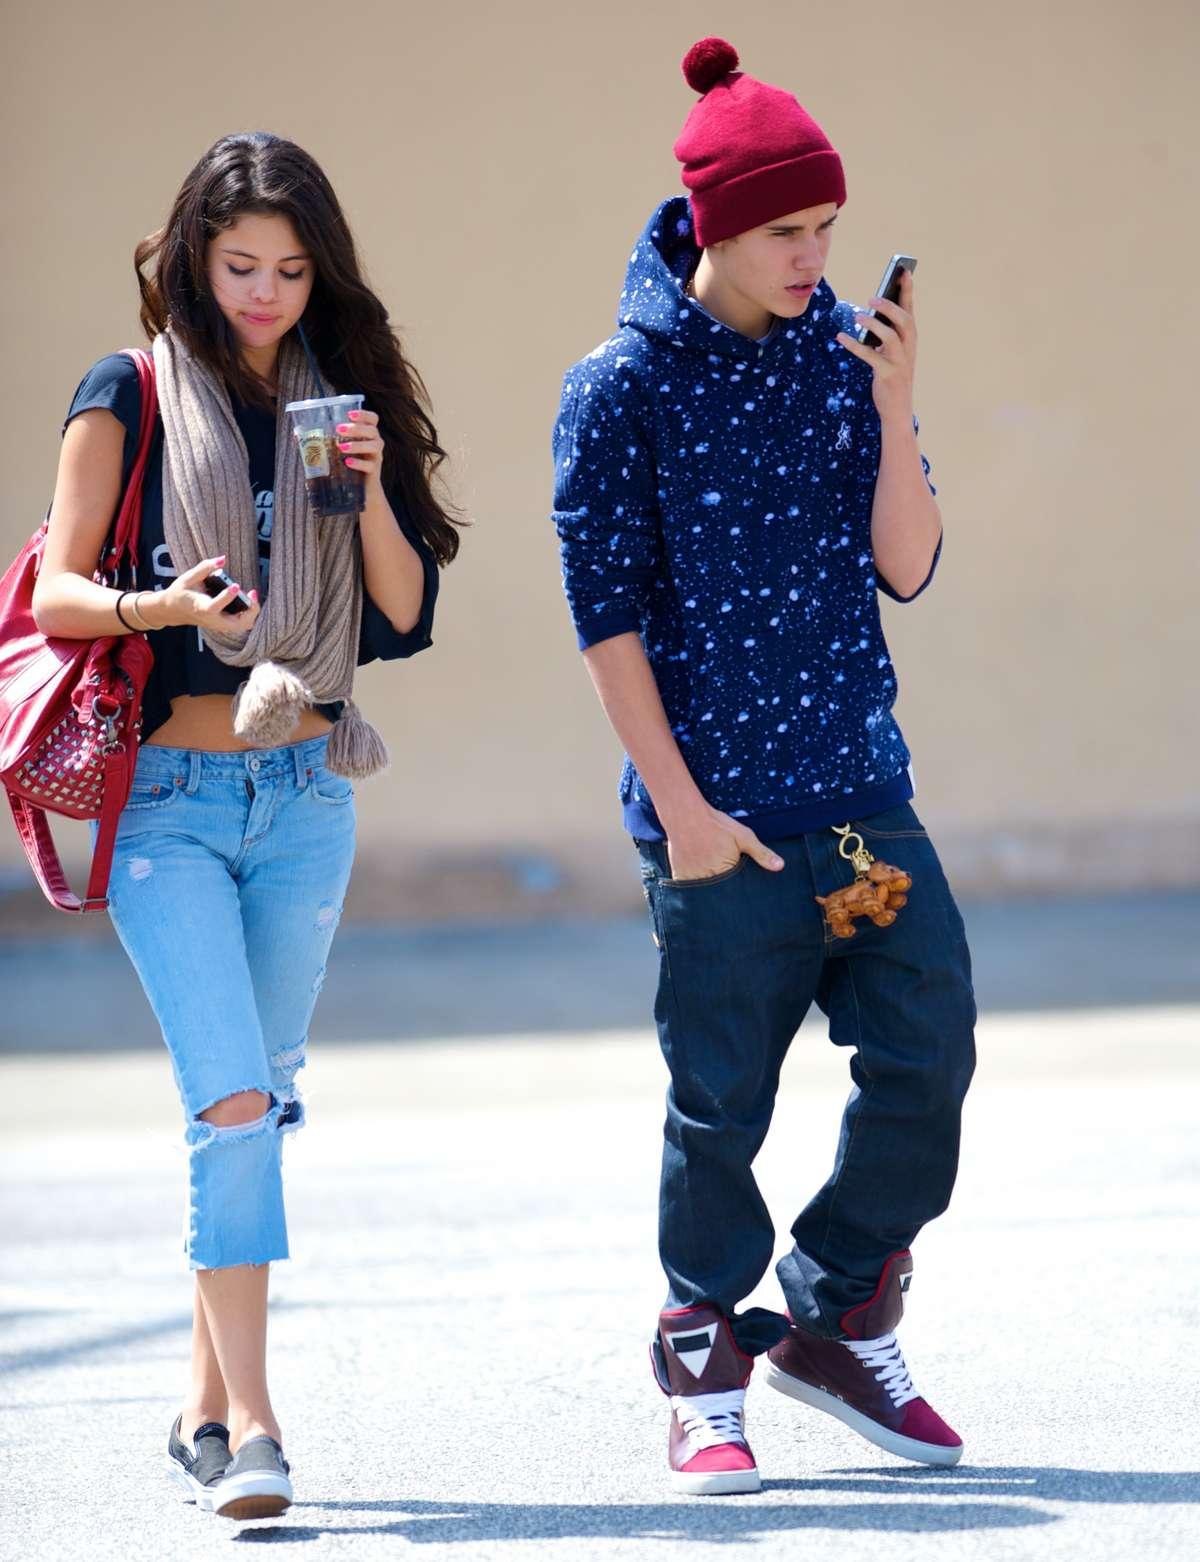 http://2.bp.blogspot.com/-8wCQ9BuN6HU/UDhrcmpj3eI/AAAAAAAADao/akq3pKTUdzM/s1600/Selena+Gomez+-+Ripped+jeans+candids+-+Panera+Bread+In+Glendale-01.jpg